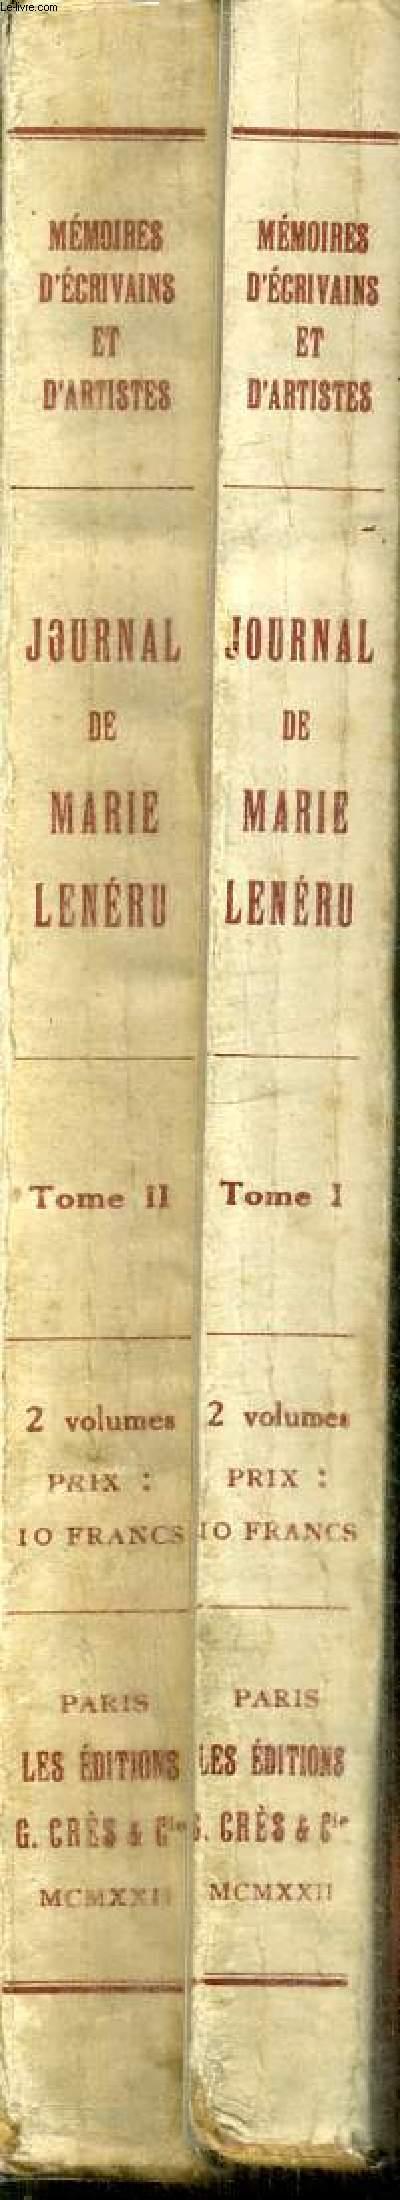 JOURNAL DE MARIE LENERU - PREFACE DE FRANCOIS DE CUREL - TOME PREMIER ET DEUXIEME EN 2 VOLUMES.